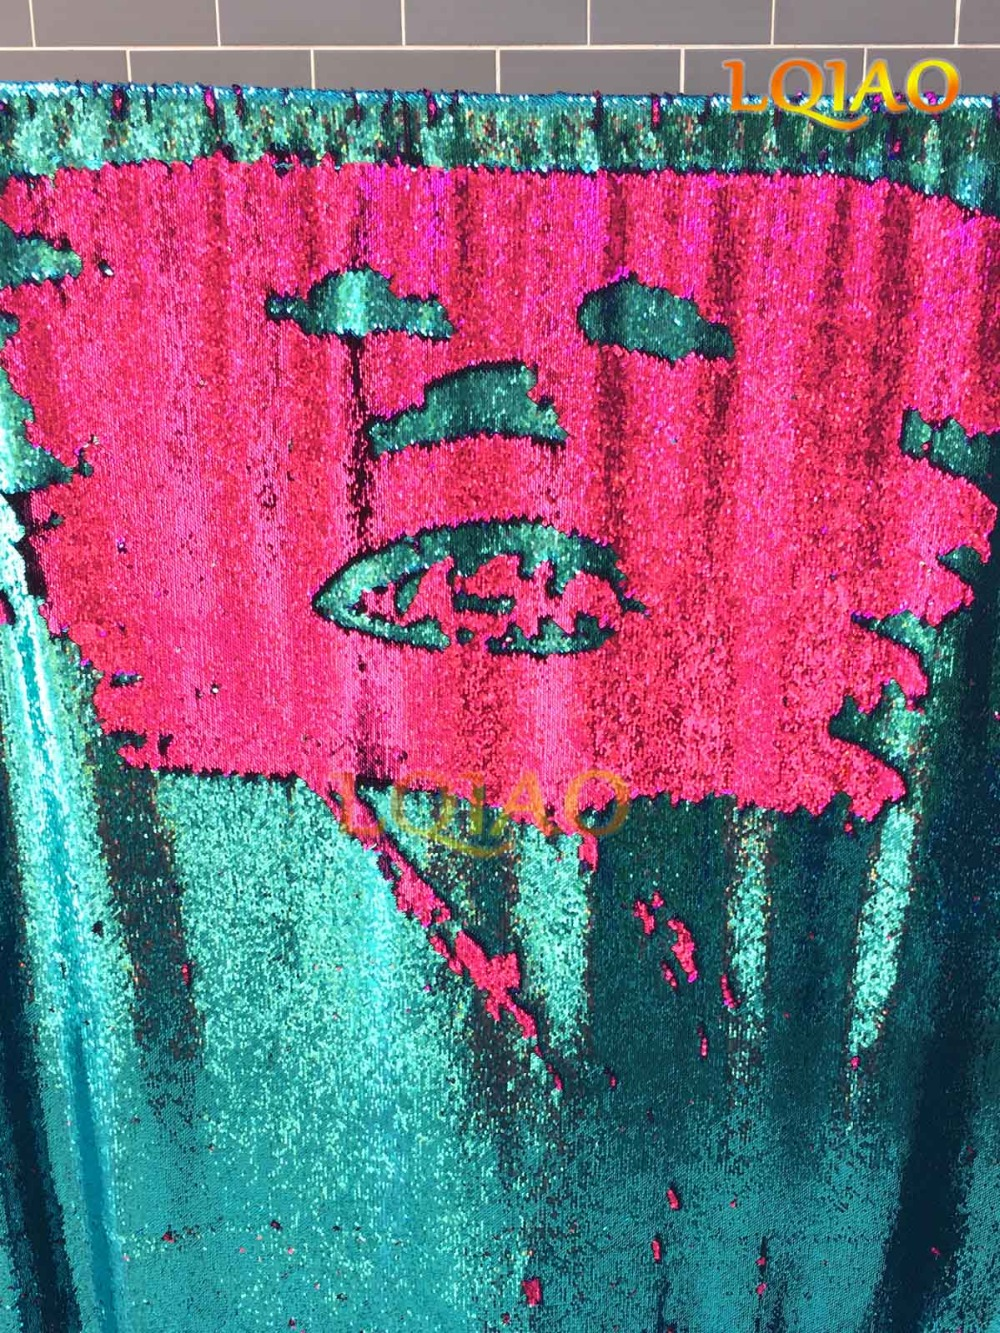 Deux Couleur-Turquoise-Fuchsia Réversible Paillettes Rideau en Toile De Fond, 4X8FT Sirène Flip Up Paillettes Tissu Mariage Photographie Toile De Fond